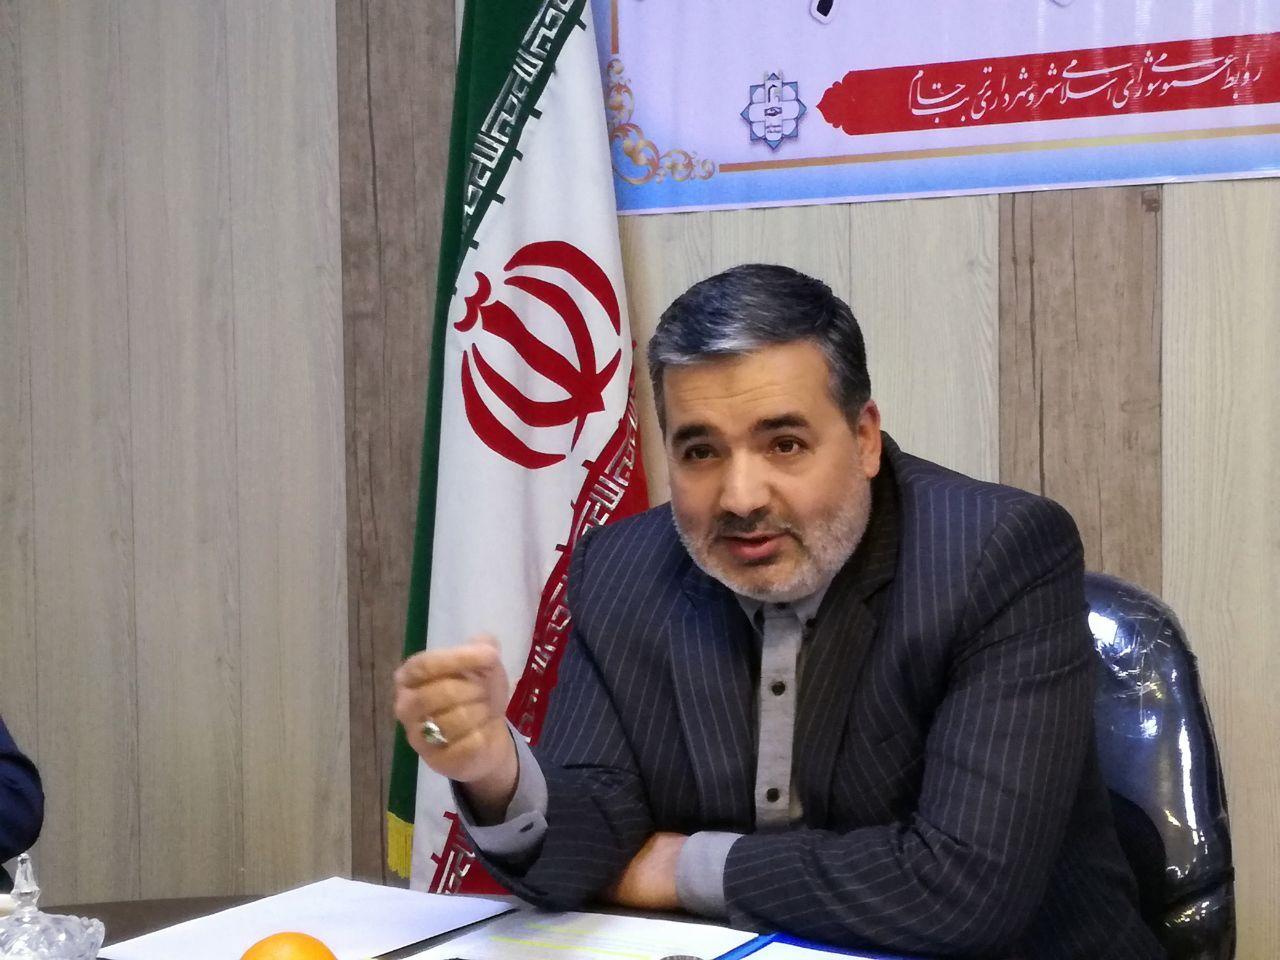 نامگذاری یکی از بلوارهای اصلی شهر تربت جام به نام شهید سردار سلیمانی